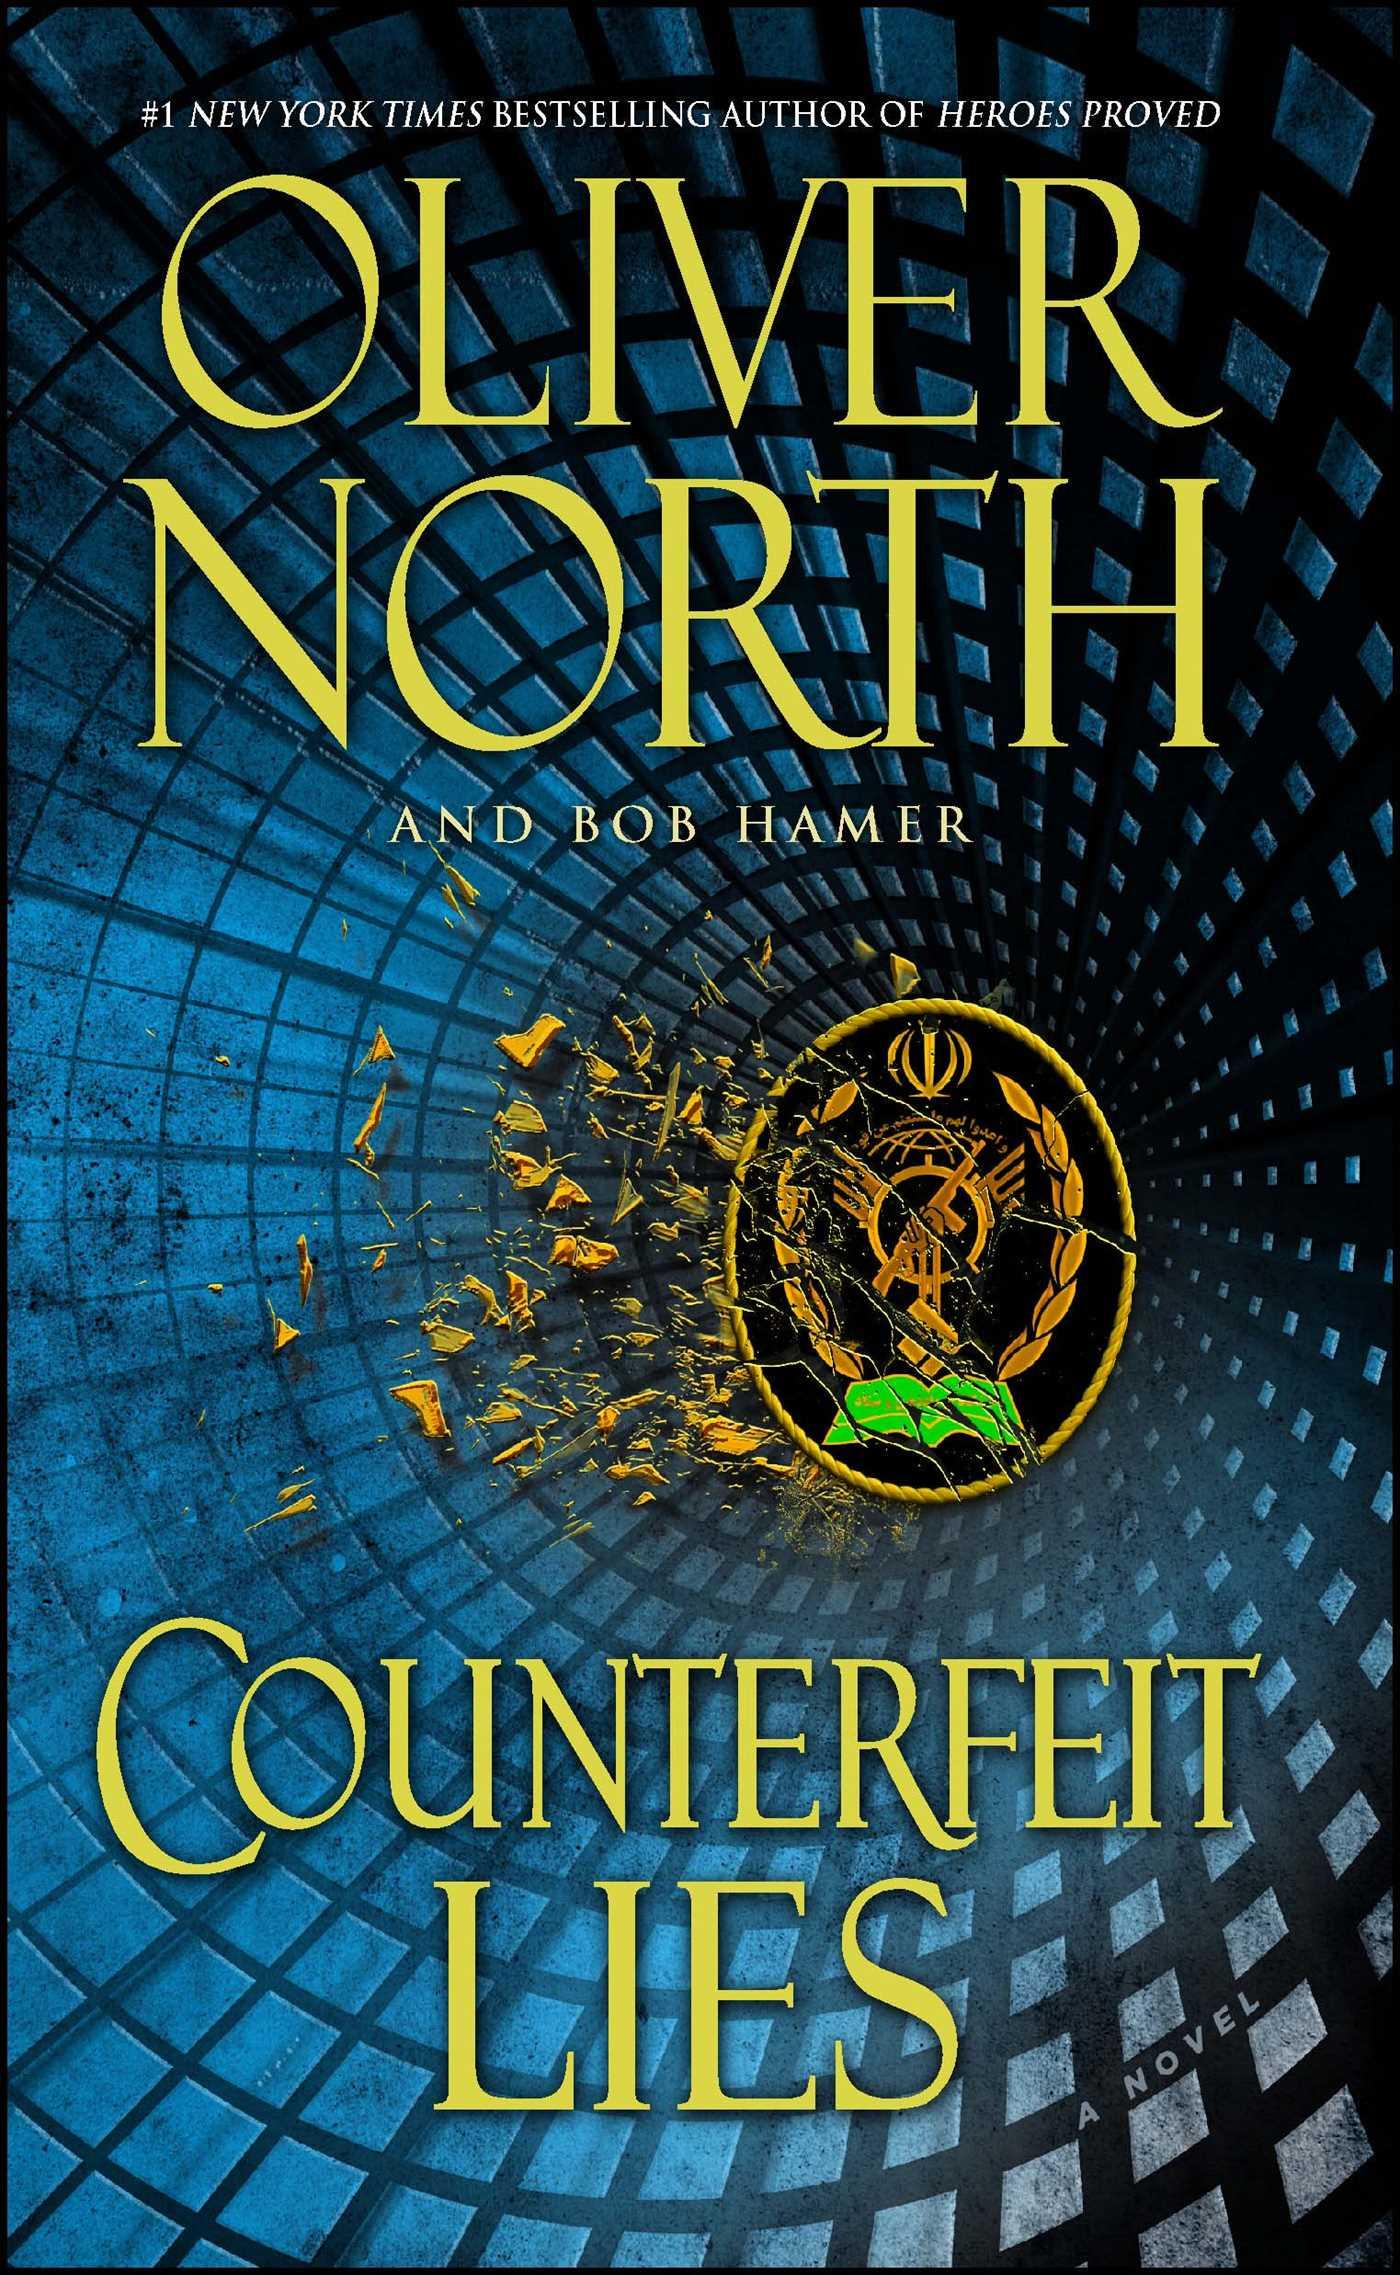 Counterfeit lies 9781476714387 hr